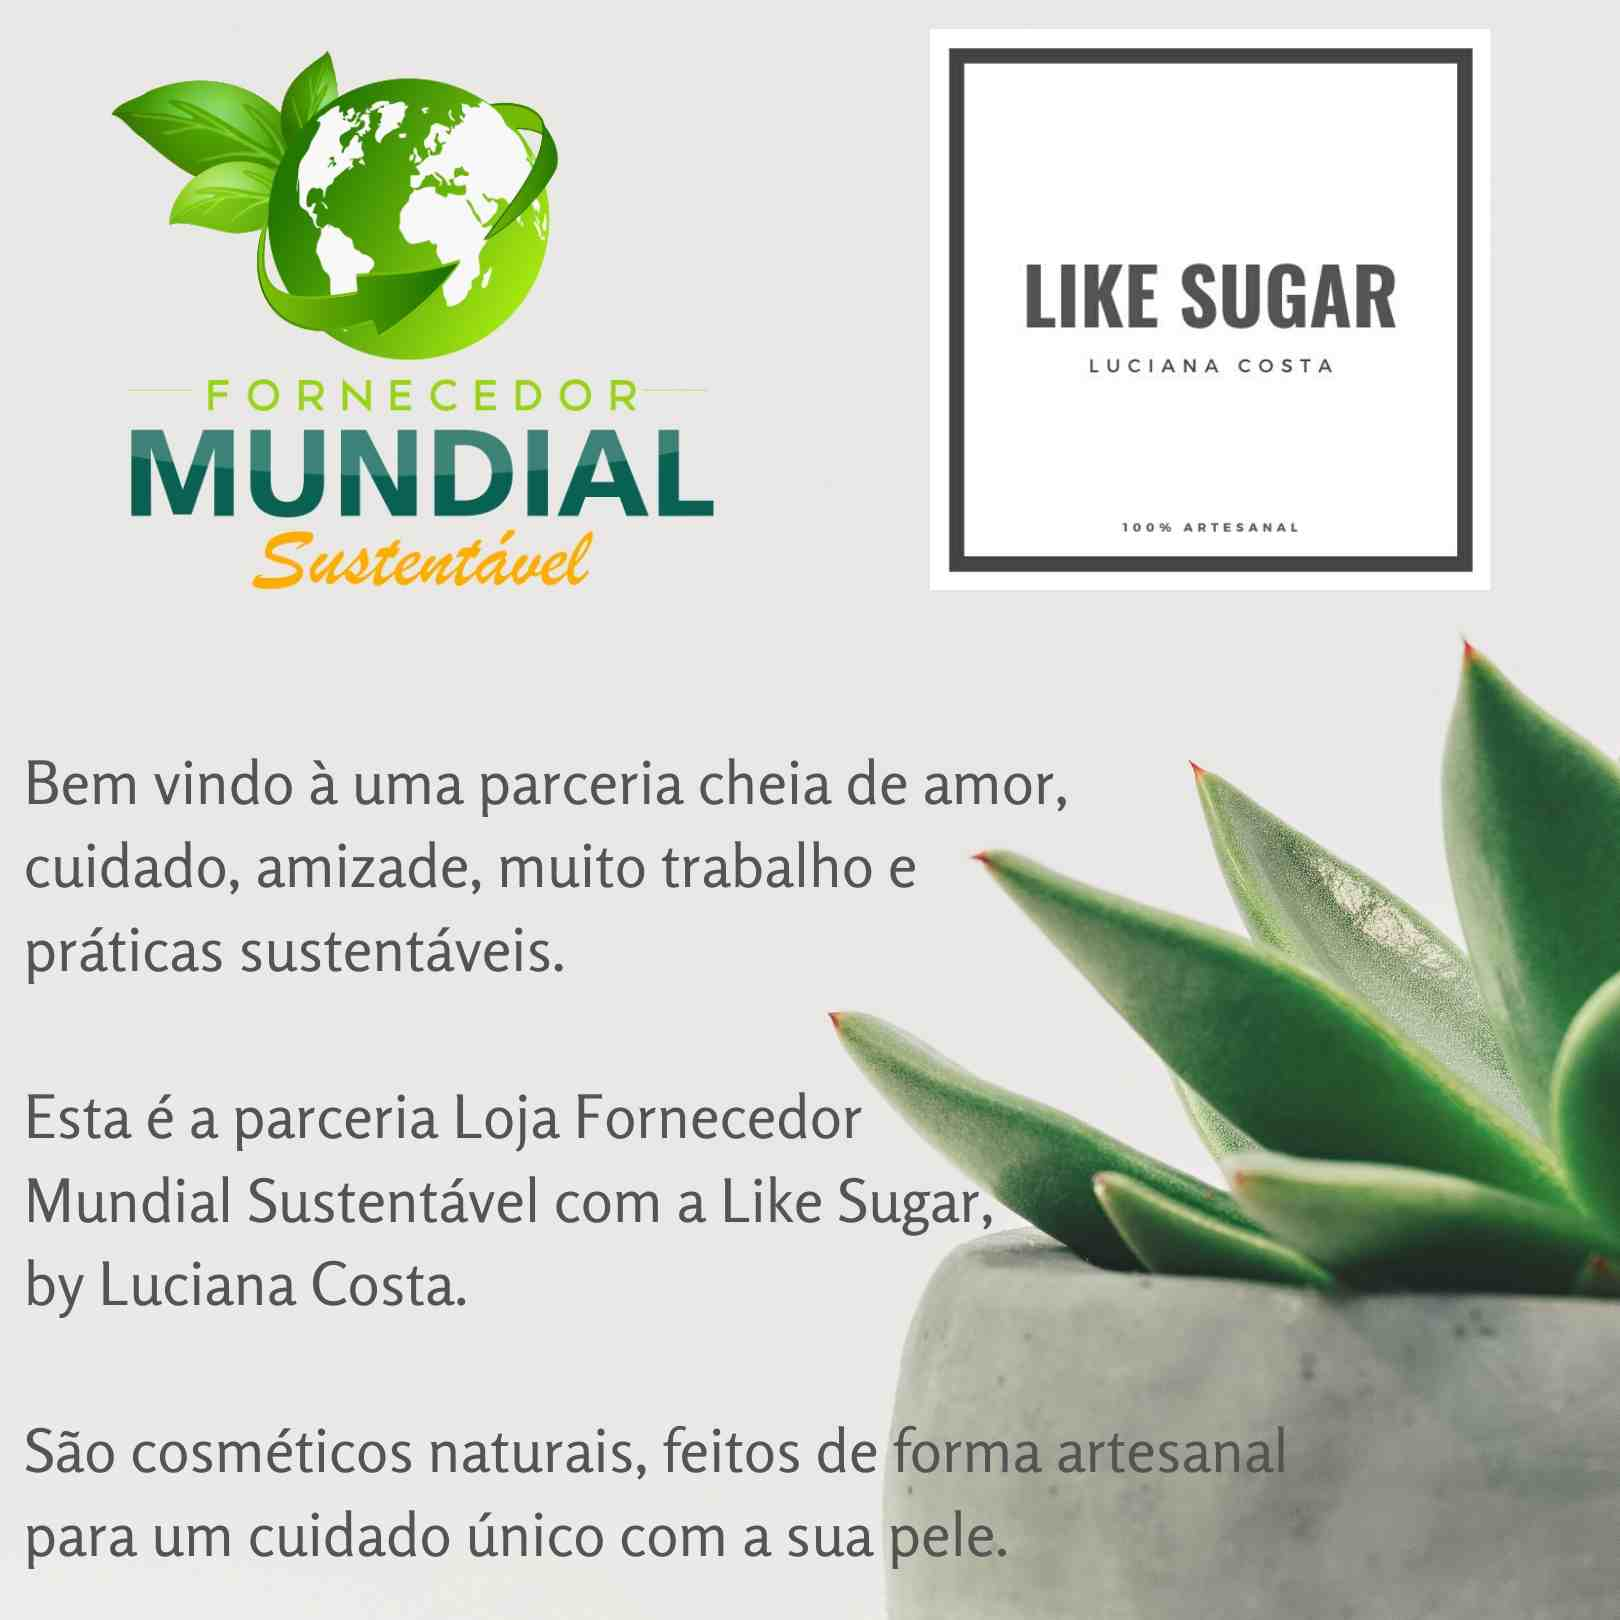 Sabonete em barra Candy Cosmético Natural Artesanal Like Sugar Linha Cosmética Sustentável